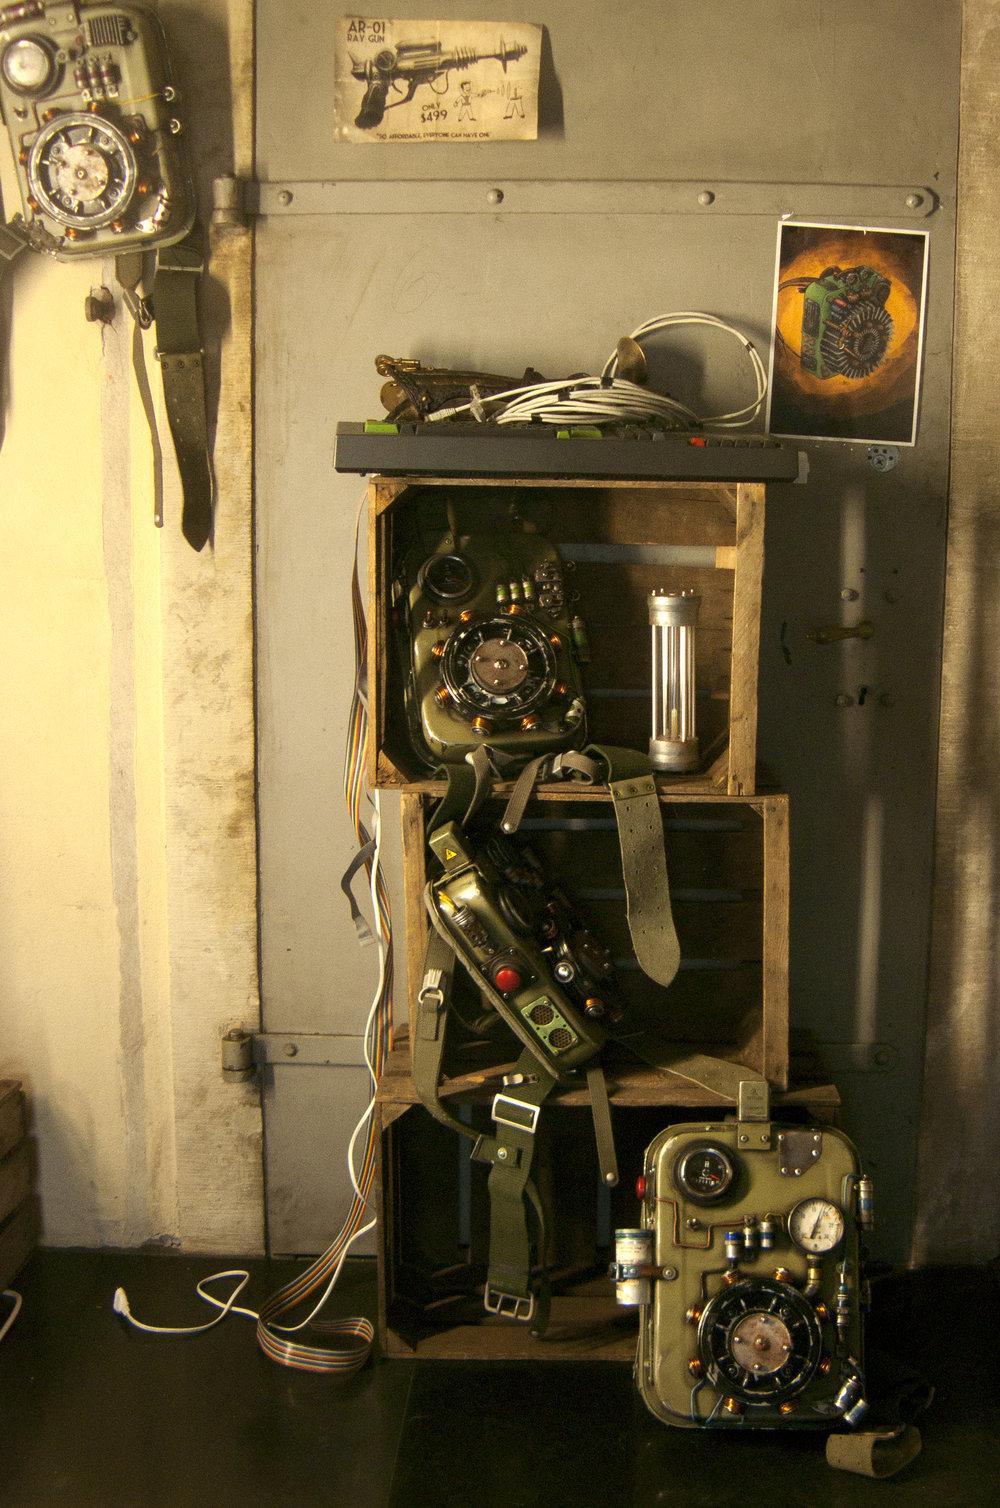 Utrustning för tidsresor, med regissörens ursprungliga ritning på väggen.